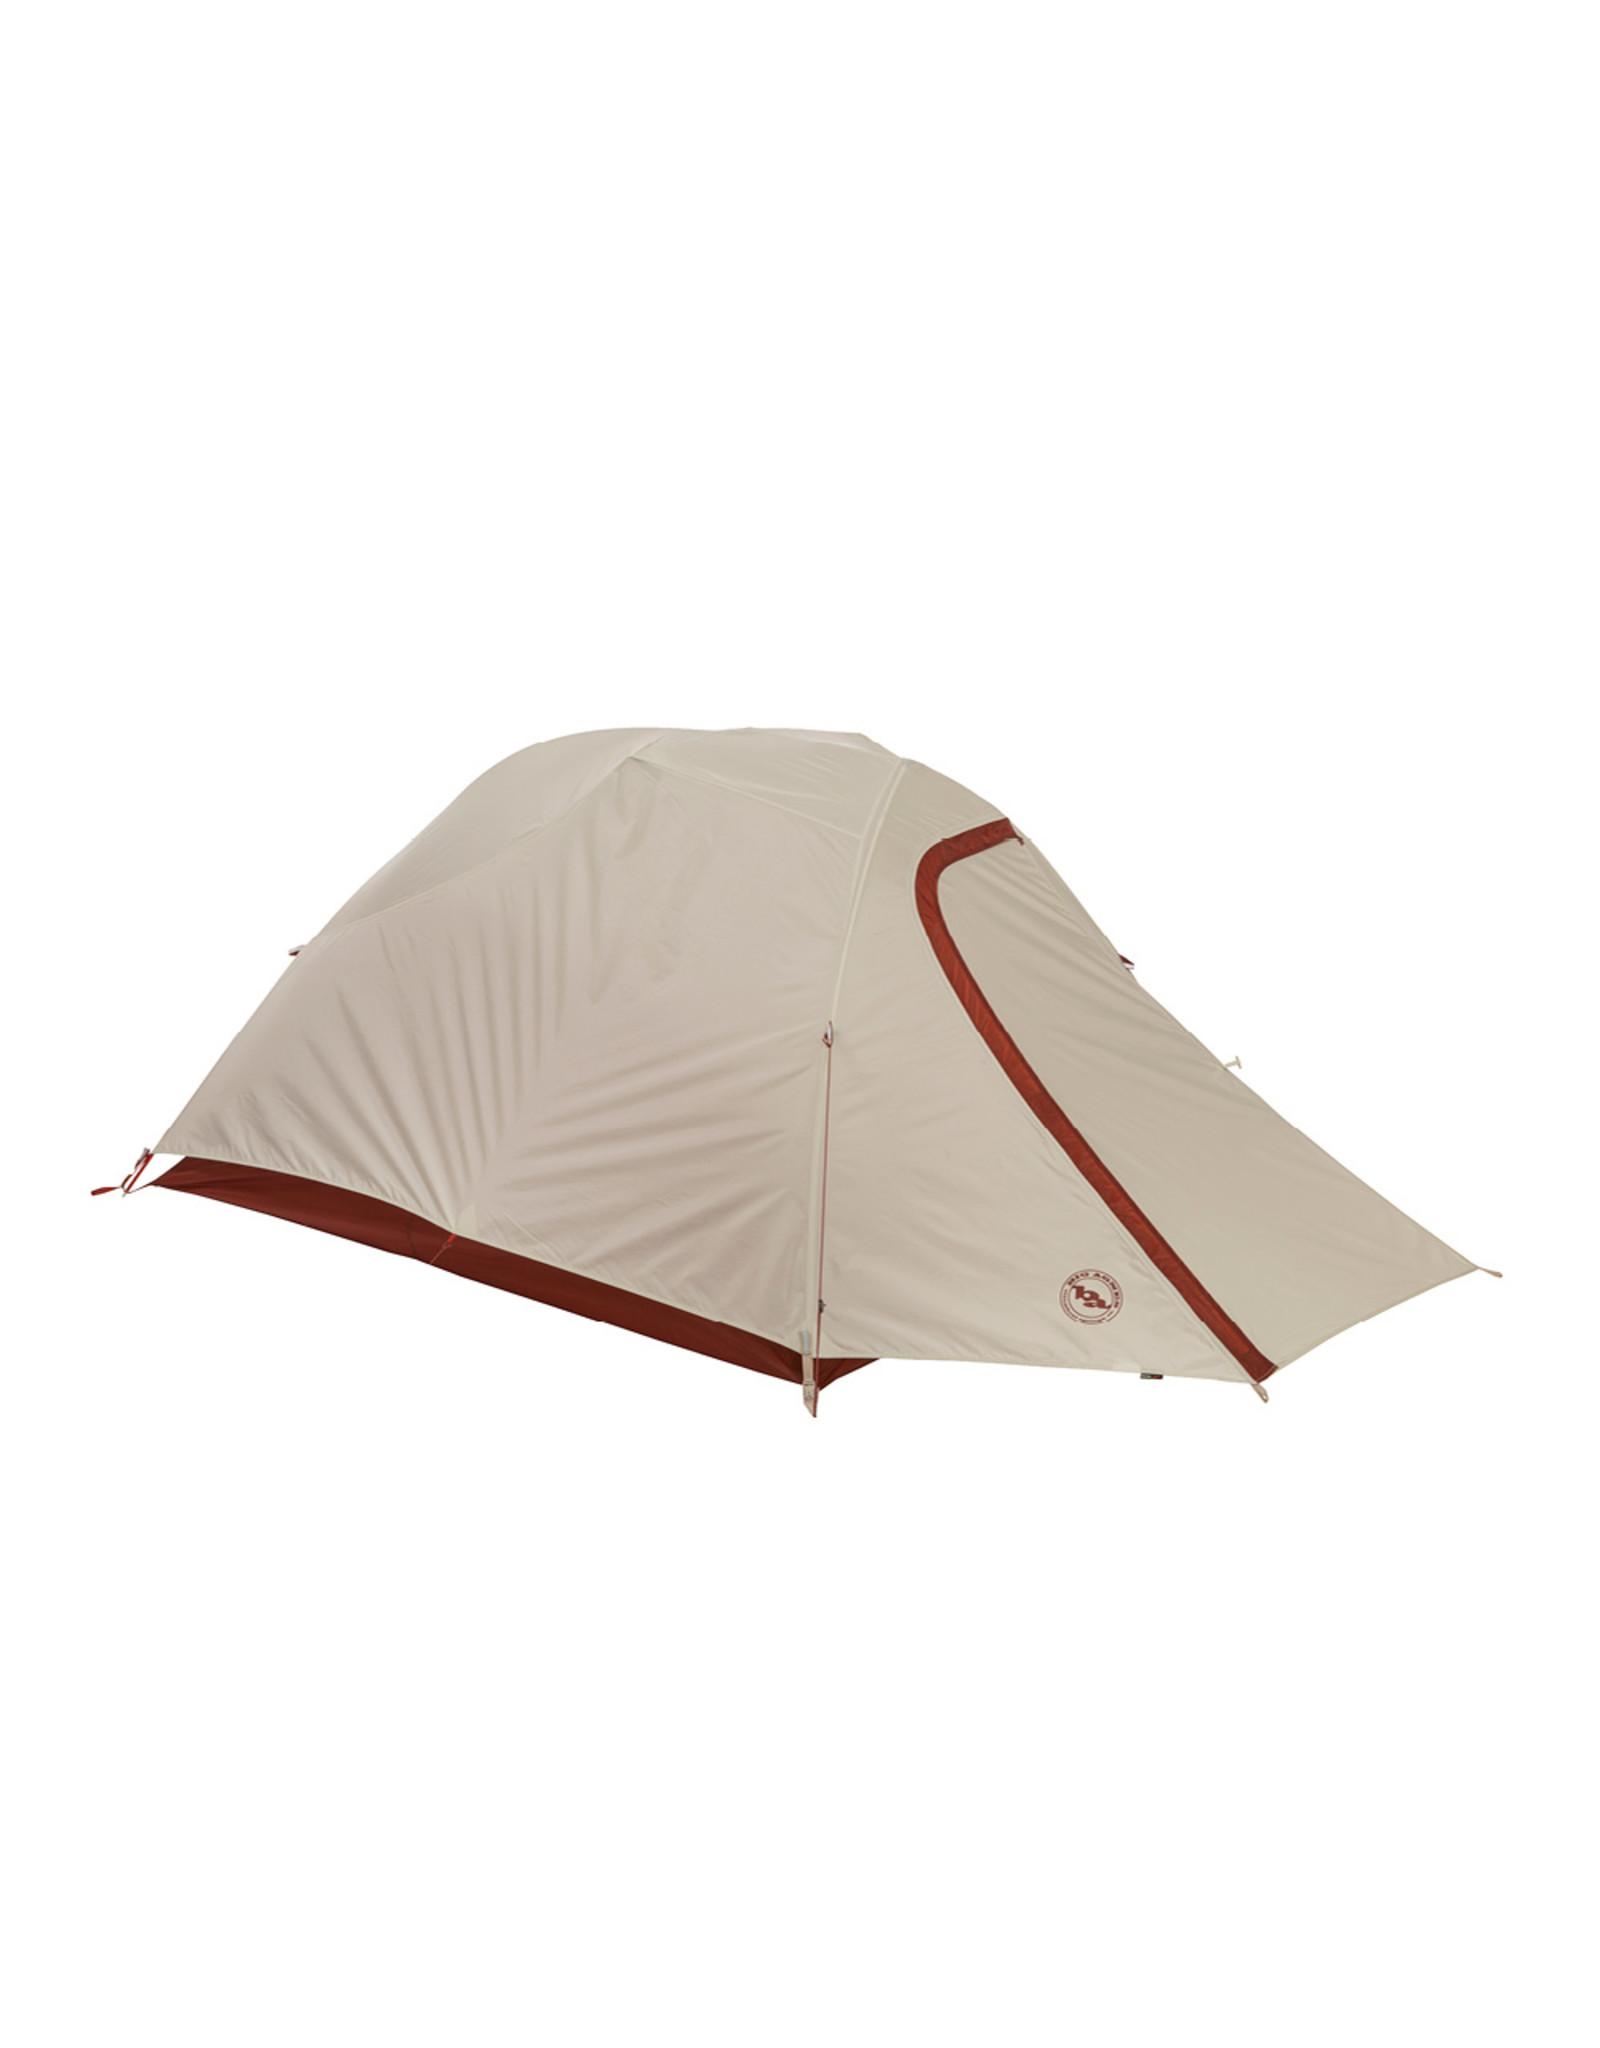 Big Agnes C BAR 3 Tent